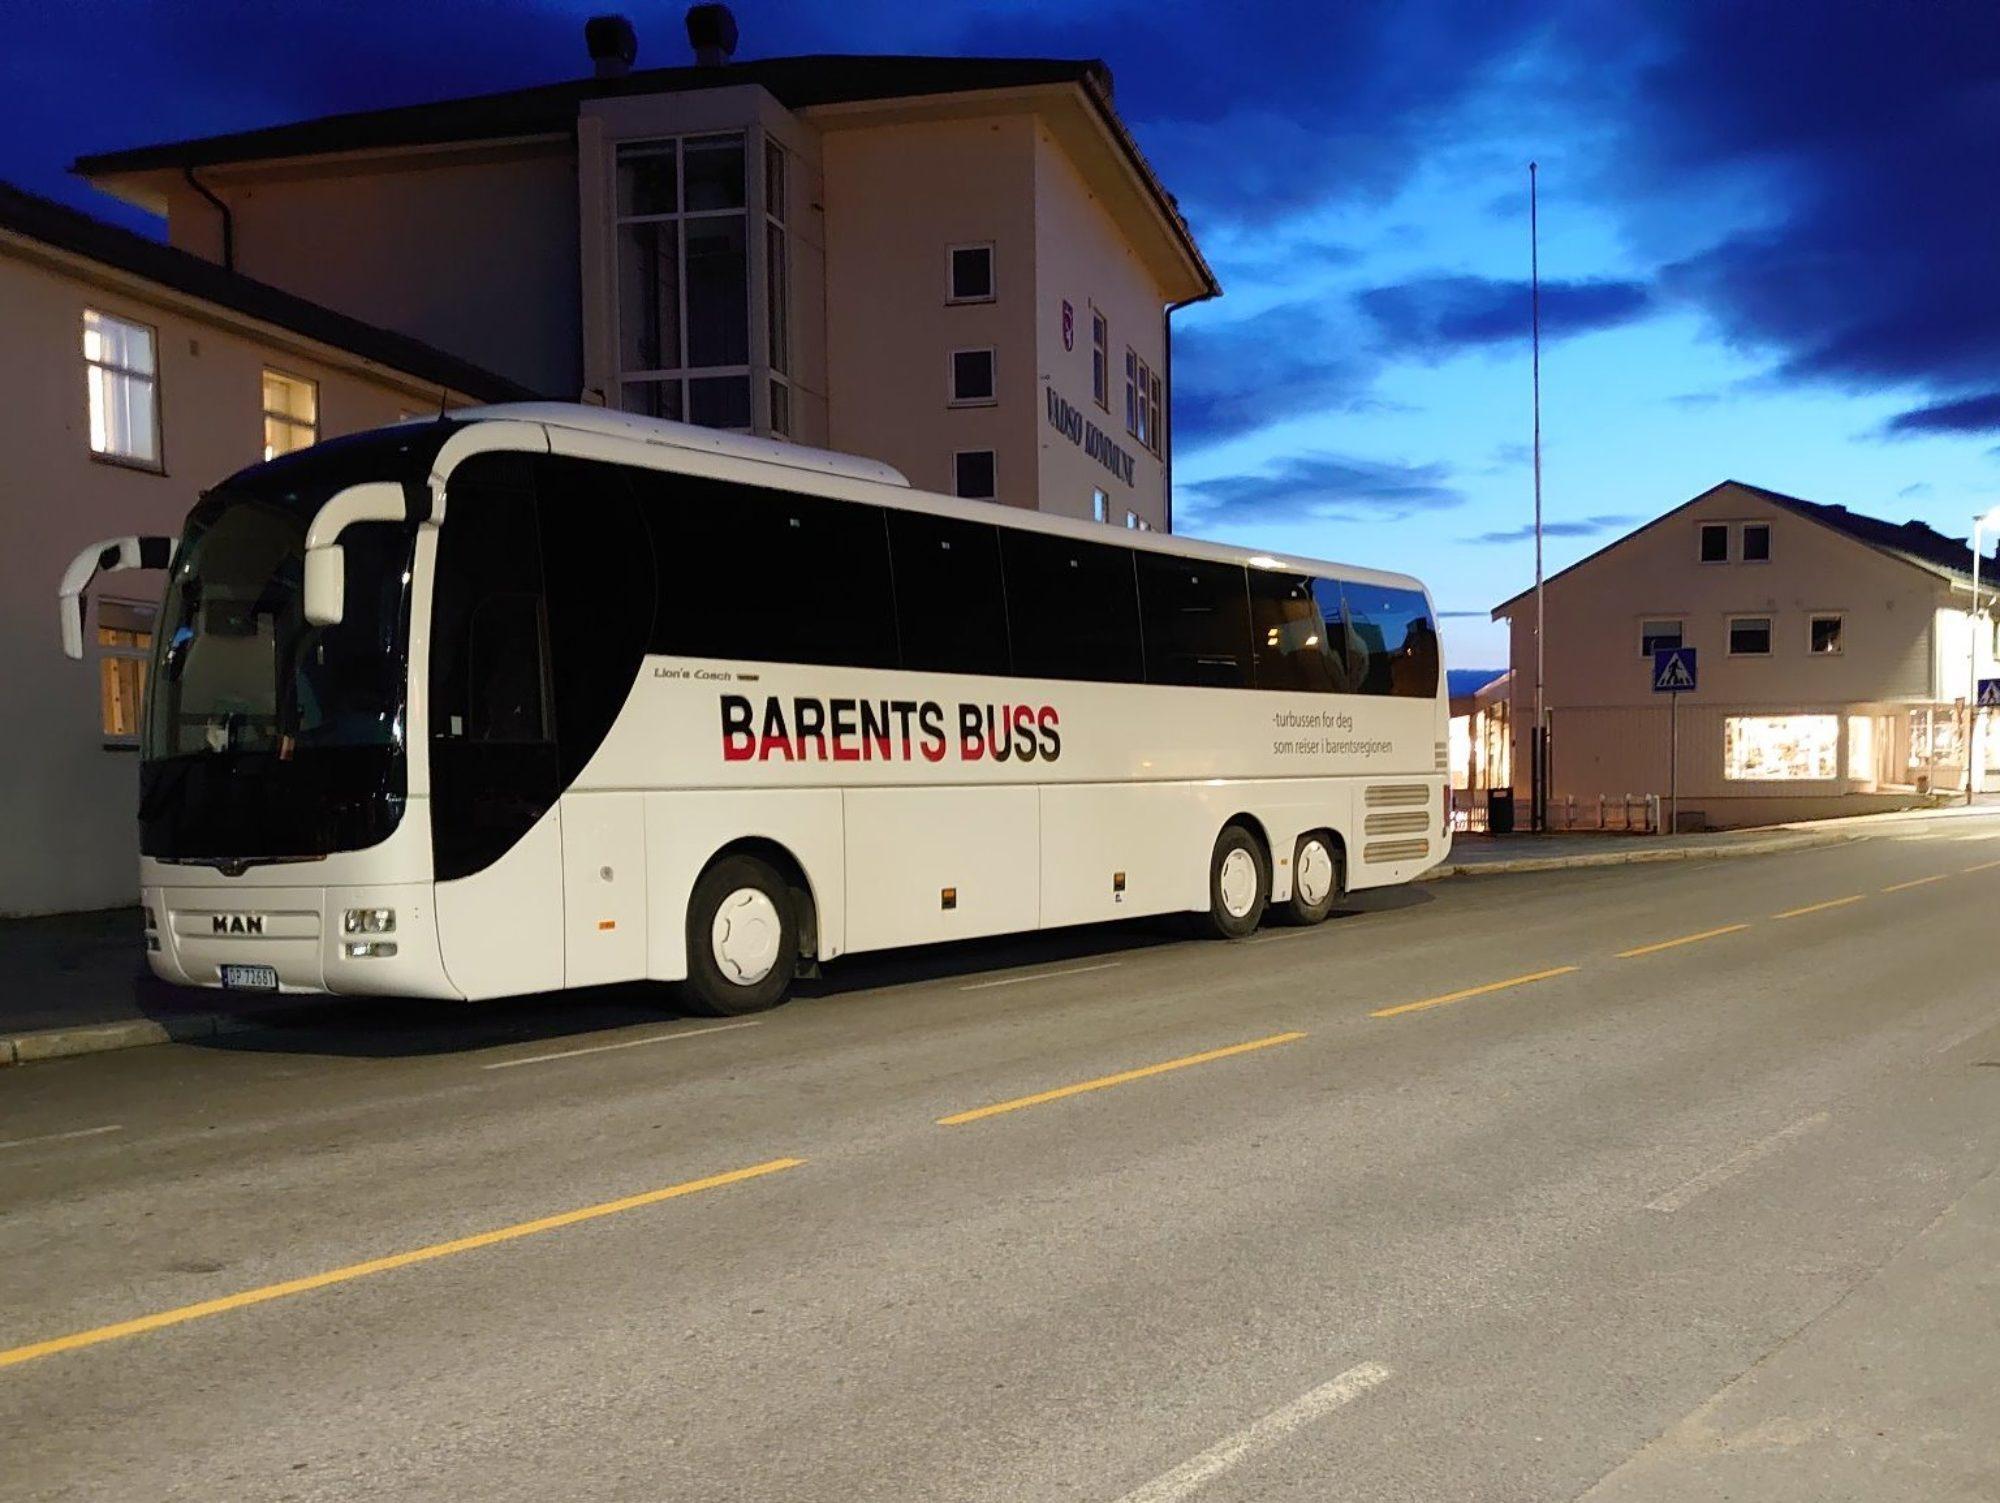 Barents Buss